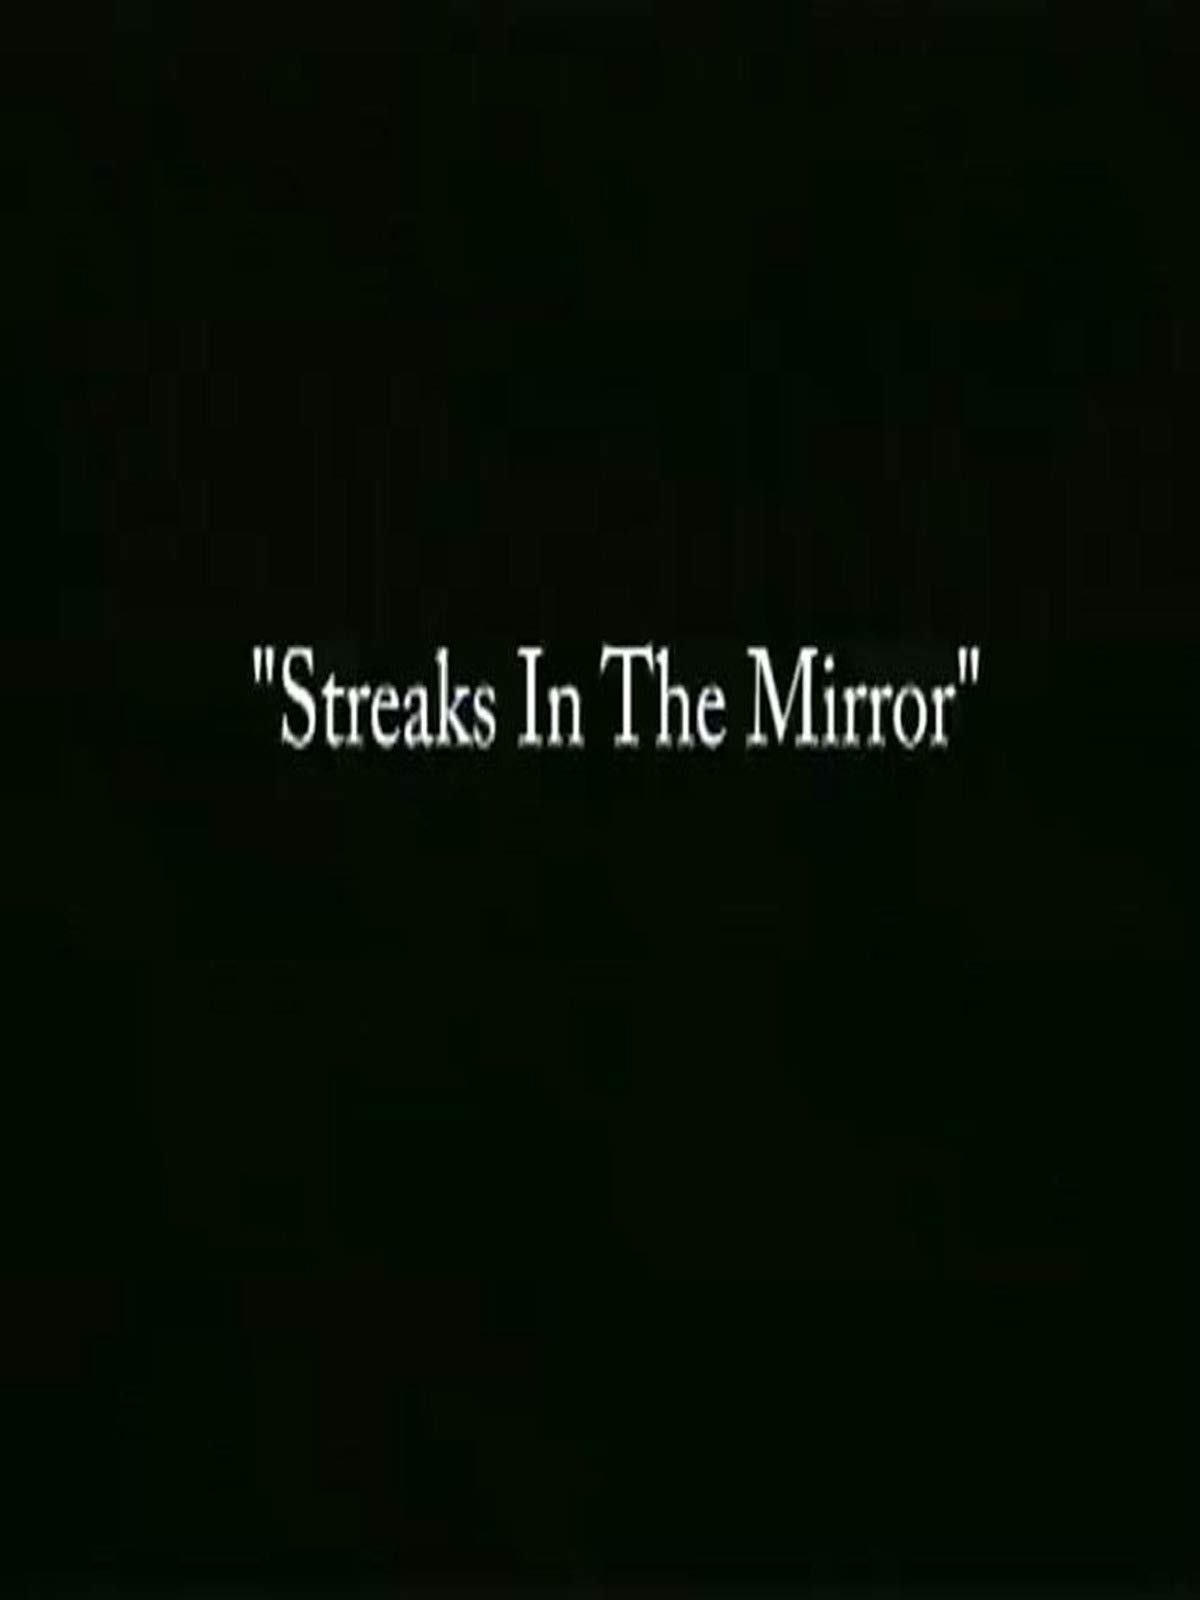 Streaks In The Mirror